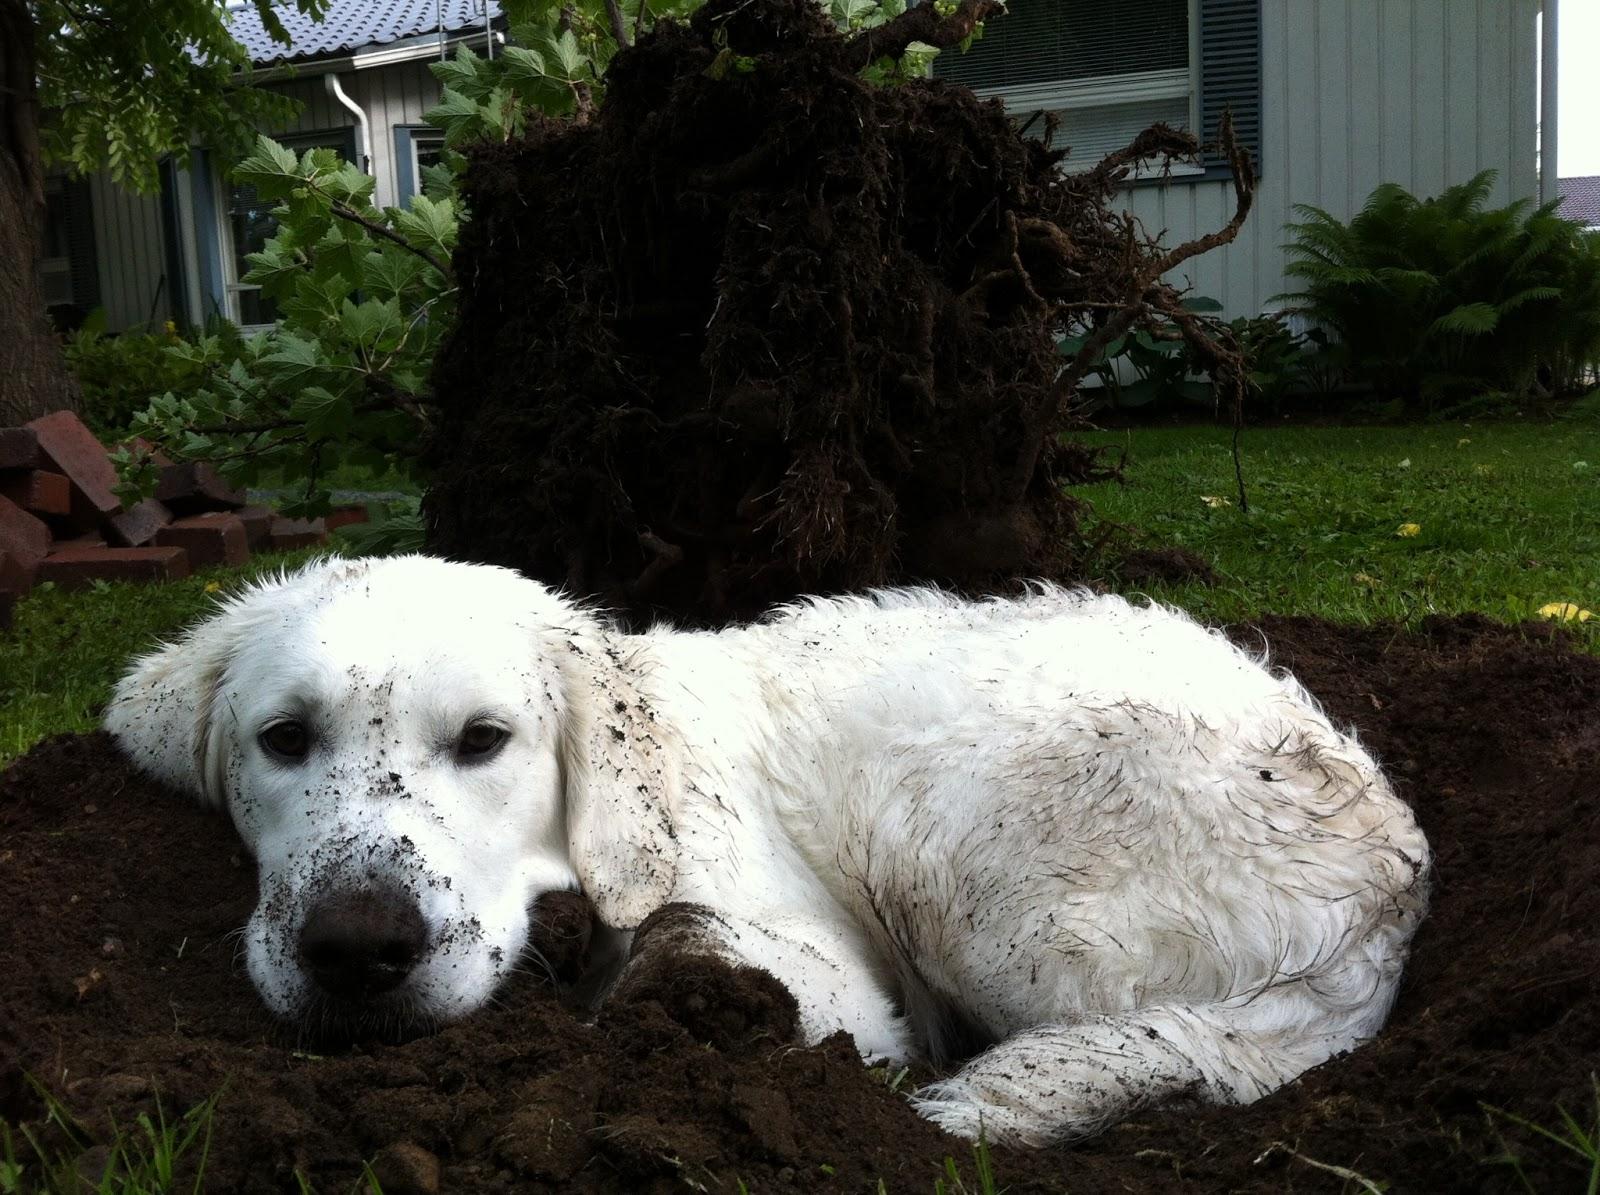 Mikkimäistä sunnuntaita! – Muddy Sunday!